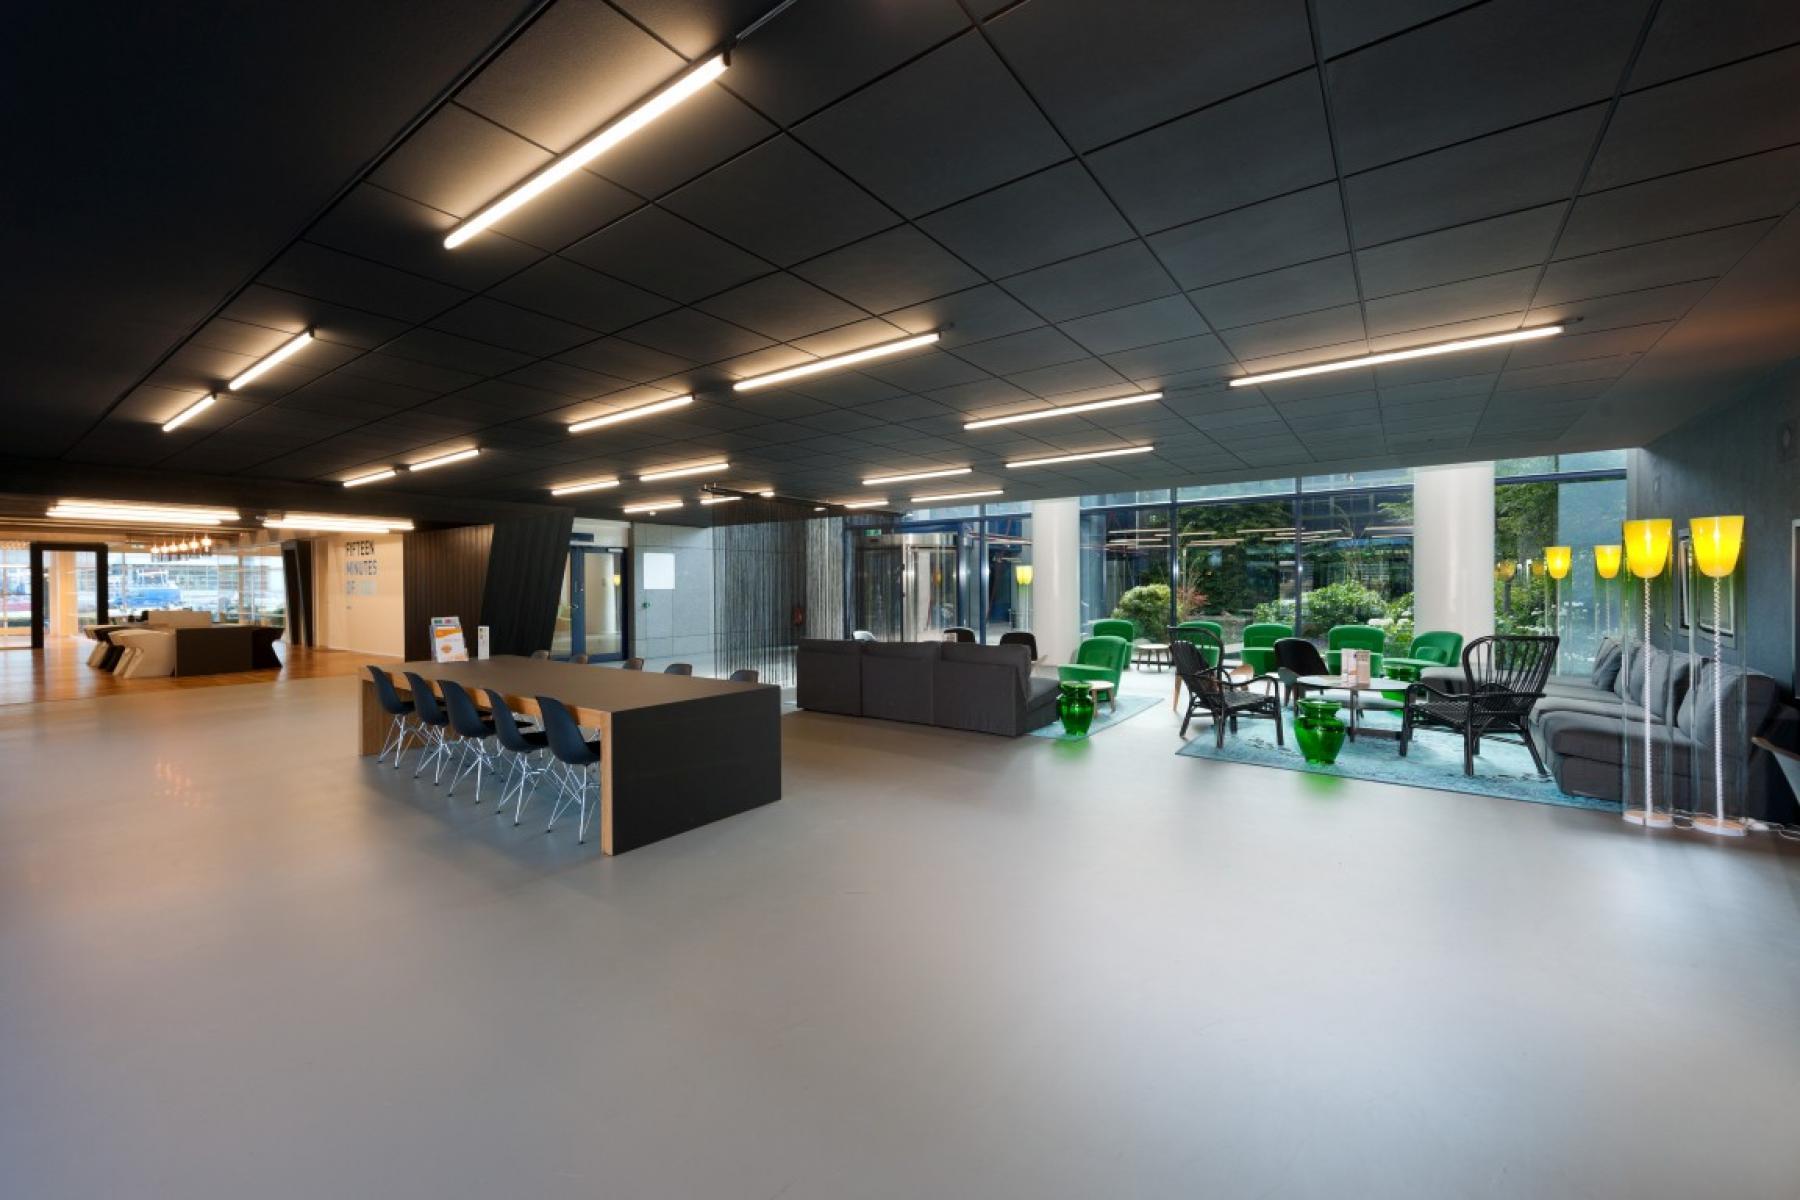 gemeenschappelijke ruimte kantoorpand amsterdam sloterdijk loungeruimte lunchruimte